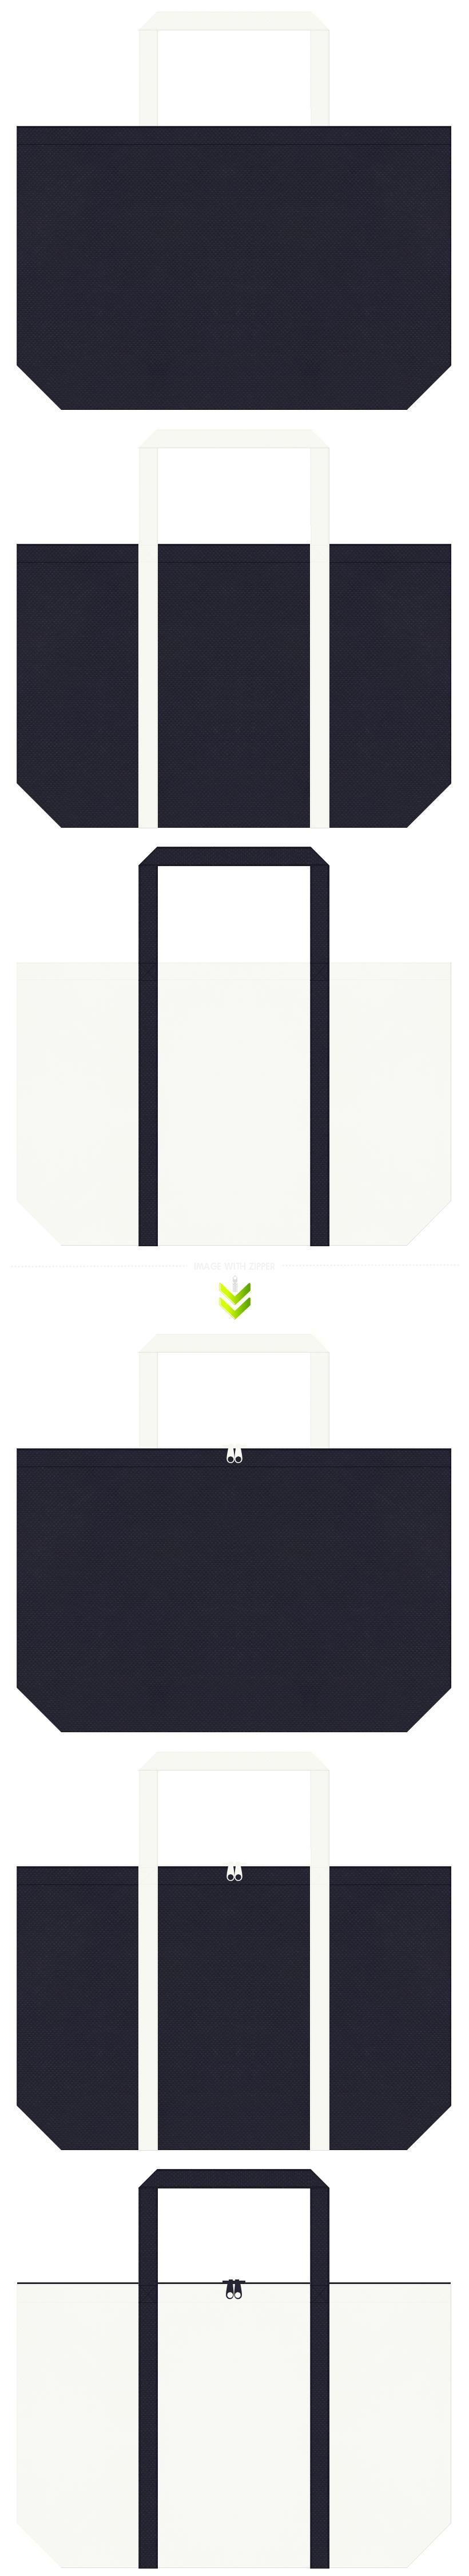 濃紺色とオフホワイト色の不織布エコバッグのデザイン。マリンファッション・ビーチ用品のショッピングバッグにお奨めです。